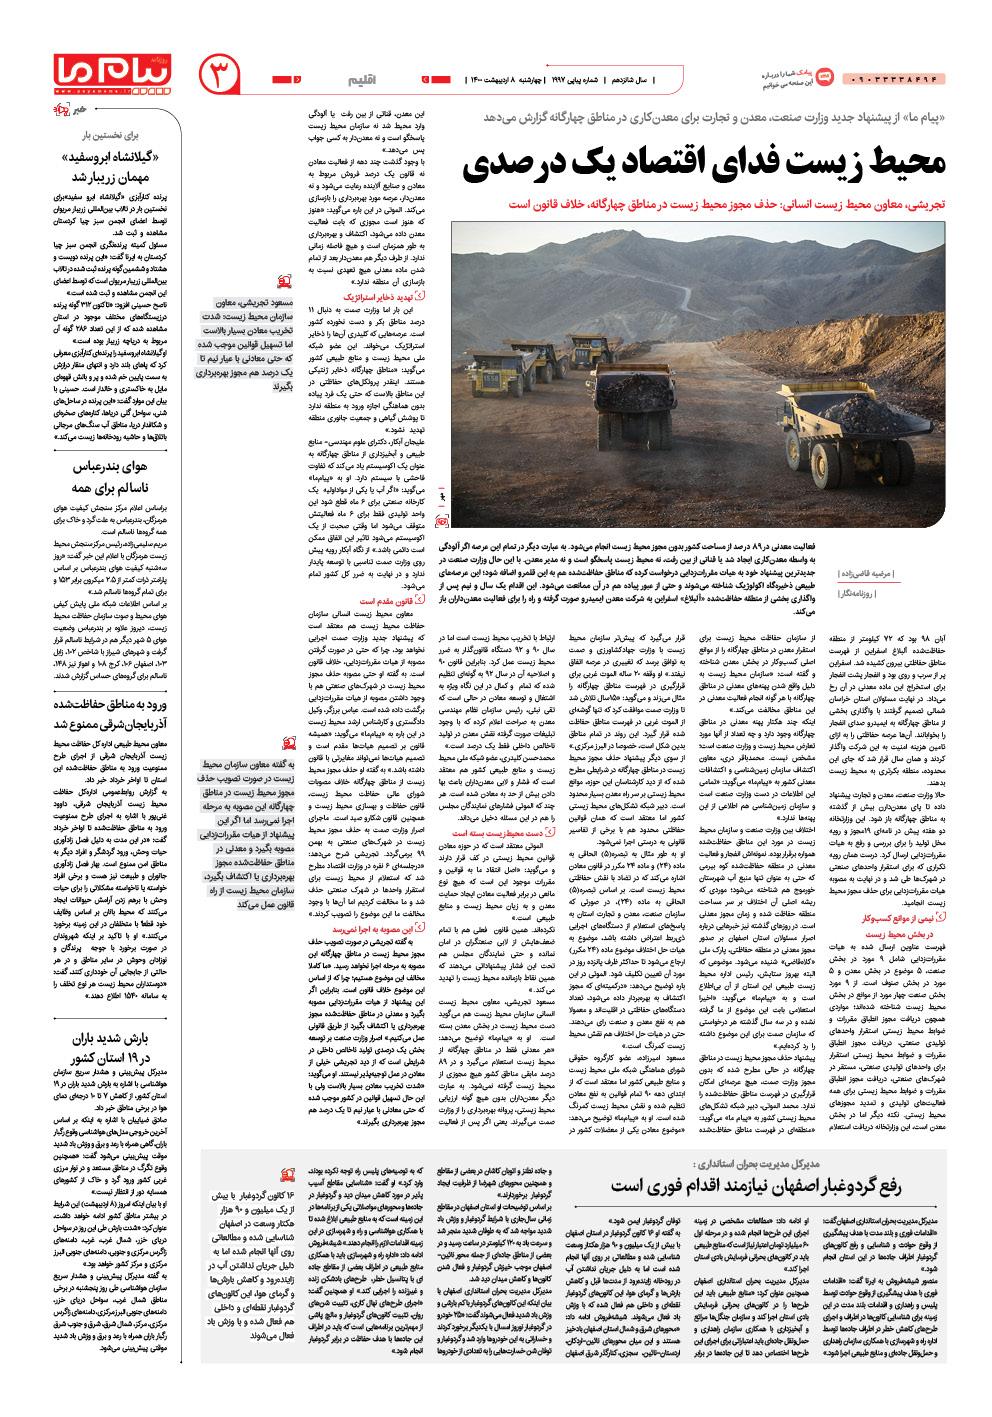 صفحه اقلیم شماره ۱۹۹۷ روزنامه پیام ما